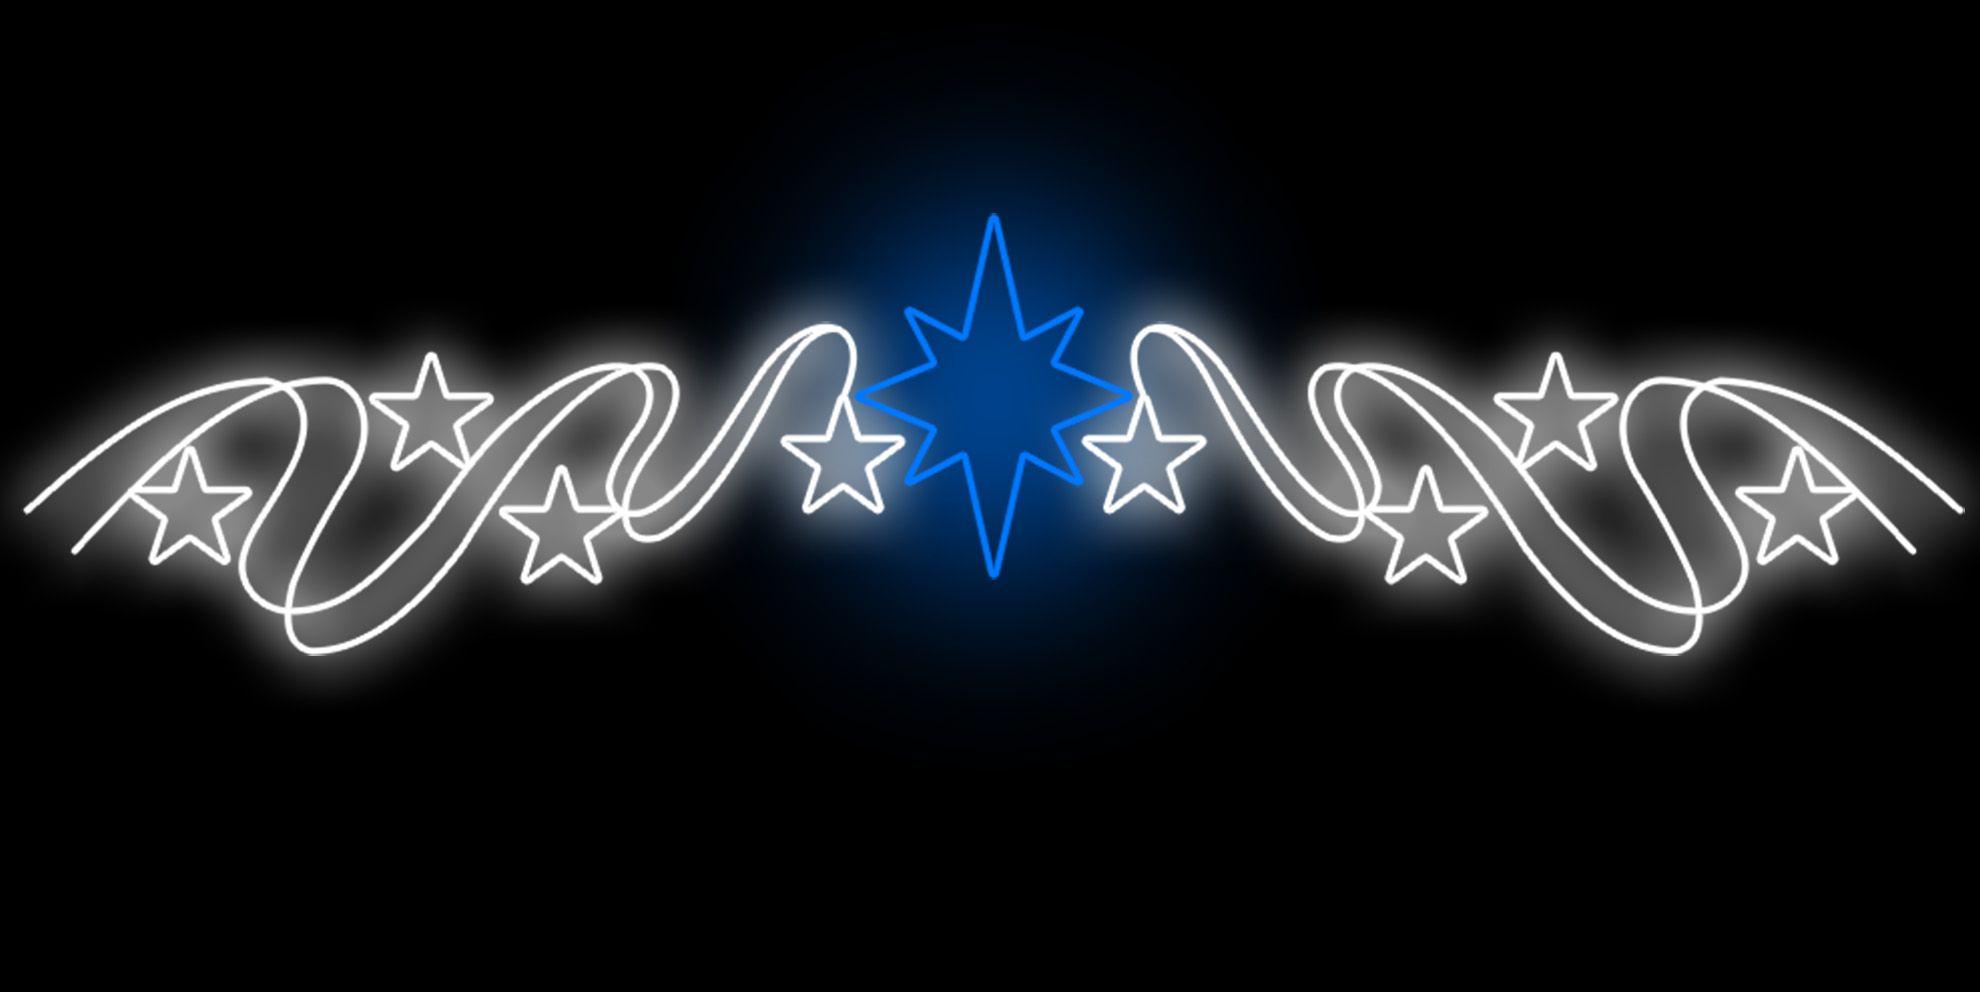 PO-003 - Painel Iluminado Led Estrela 8 pontas com Rabichos (Veja Opções)